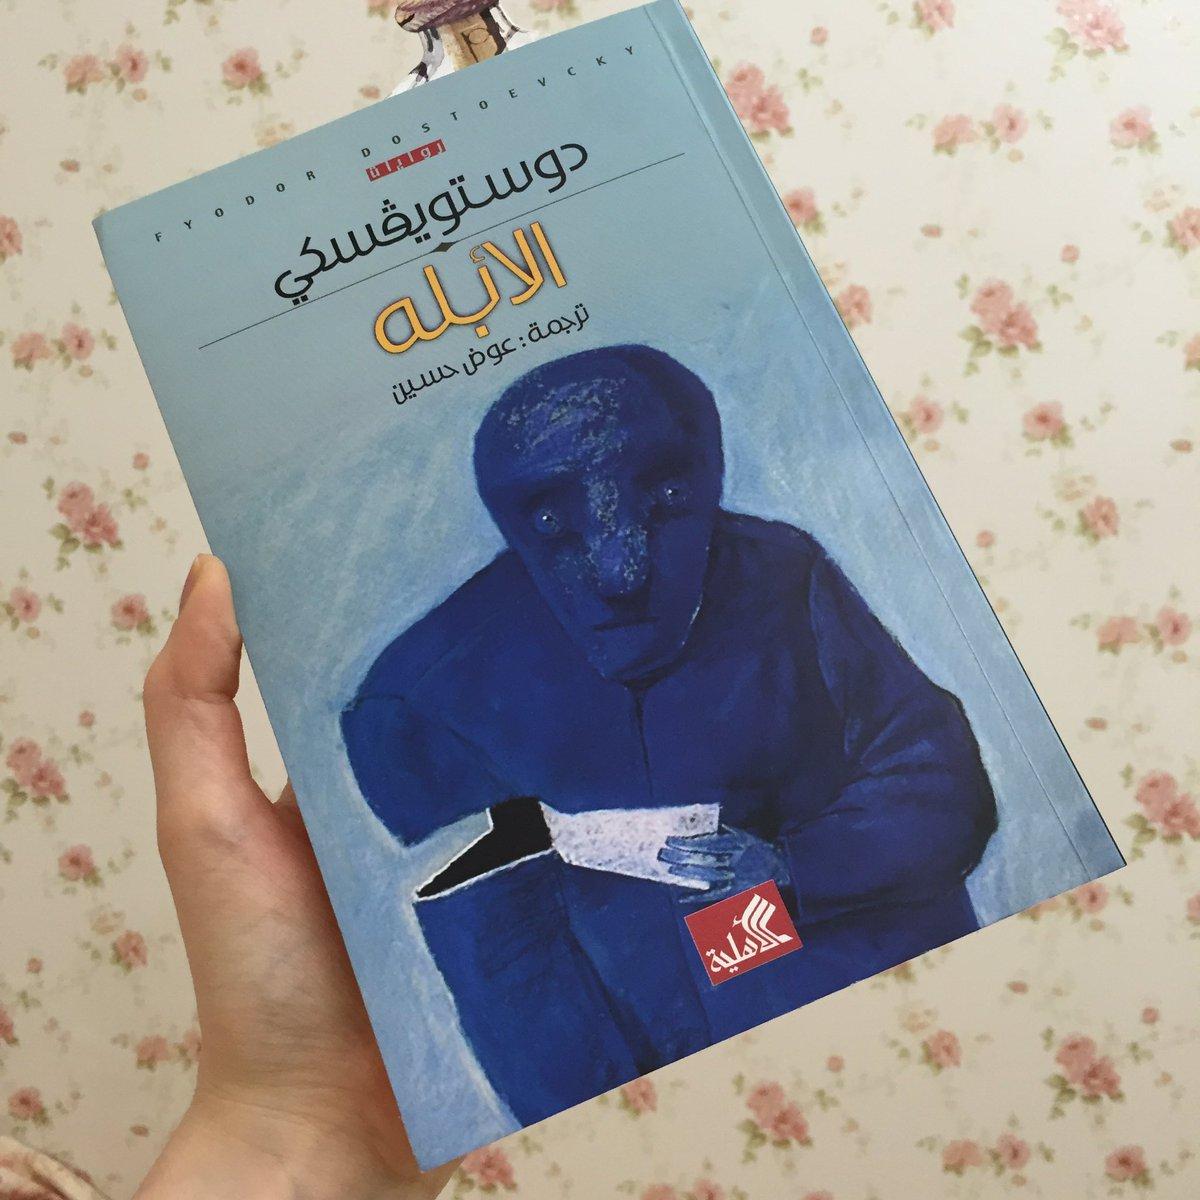 بالصور روايات دوستويفسكي , كيف تقرا لدوستويفسكي 1154 9